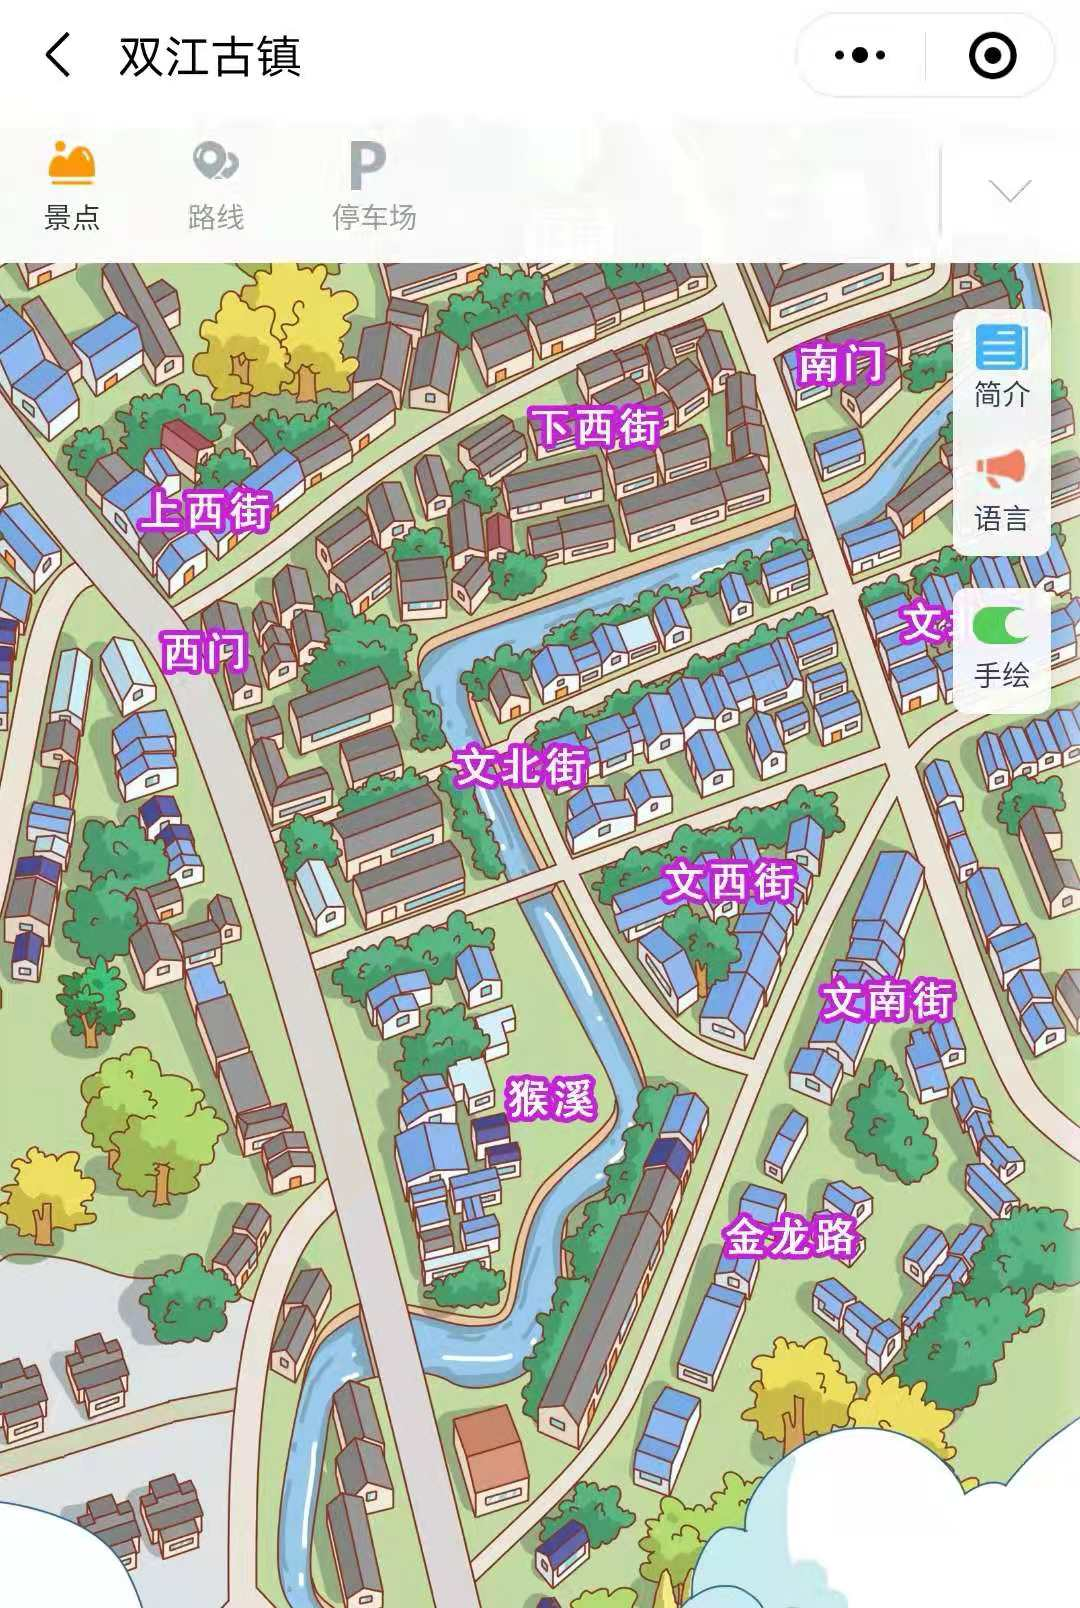 2021年双江古镇景区手绘地图,电子导览,语音讲解系统上线.jpg